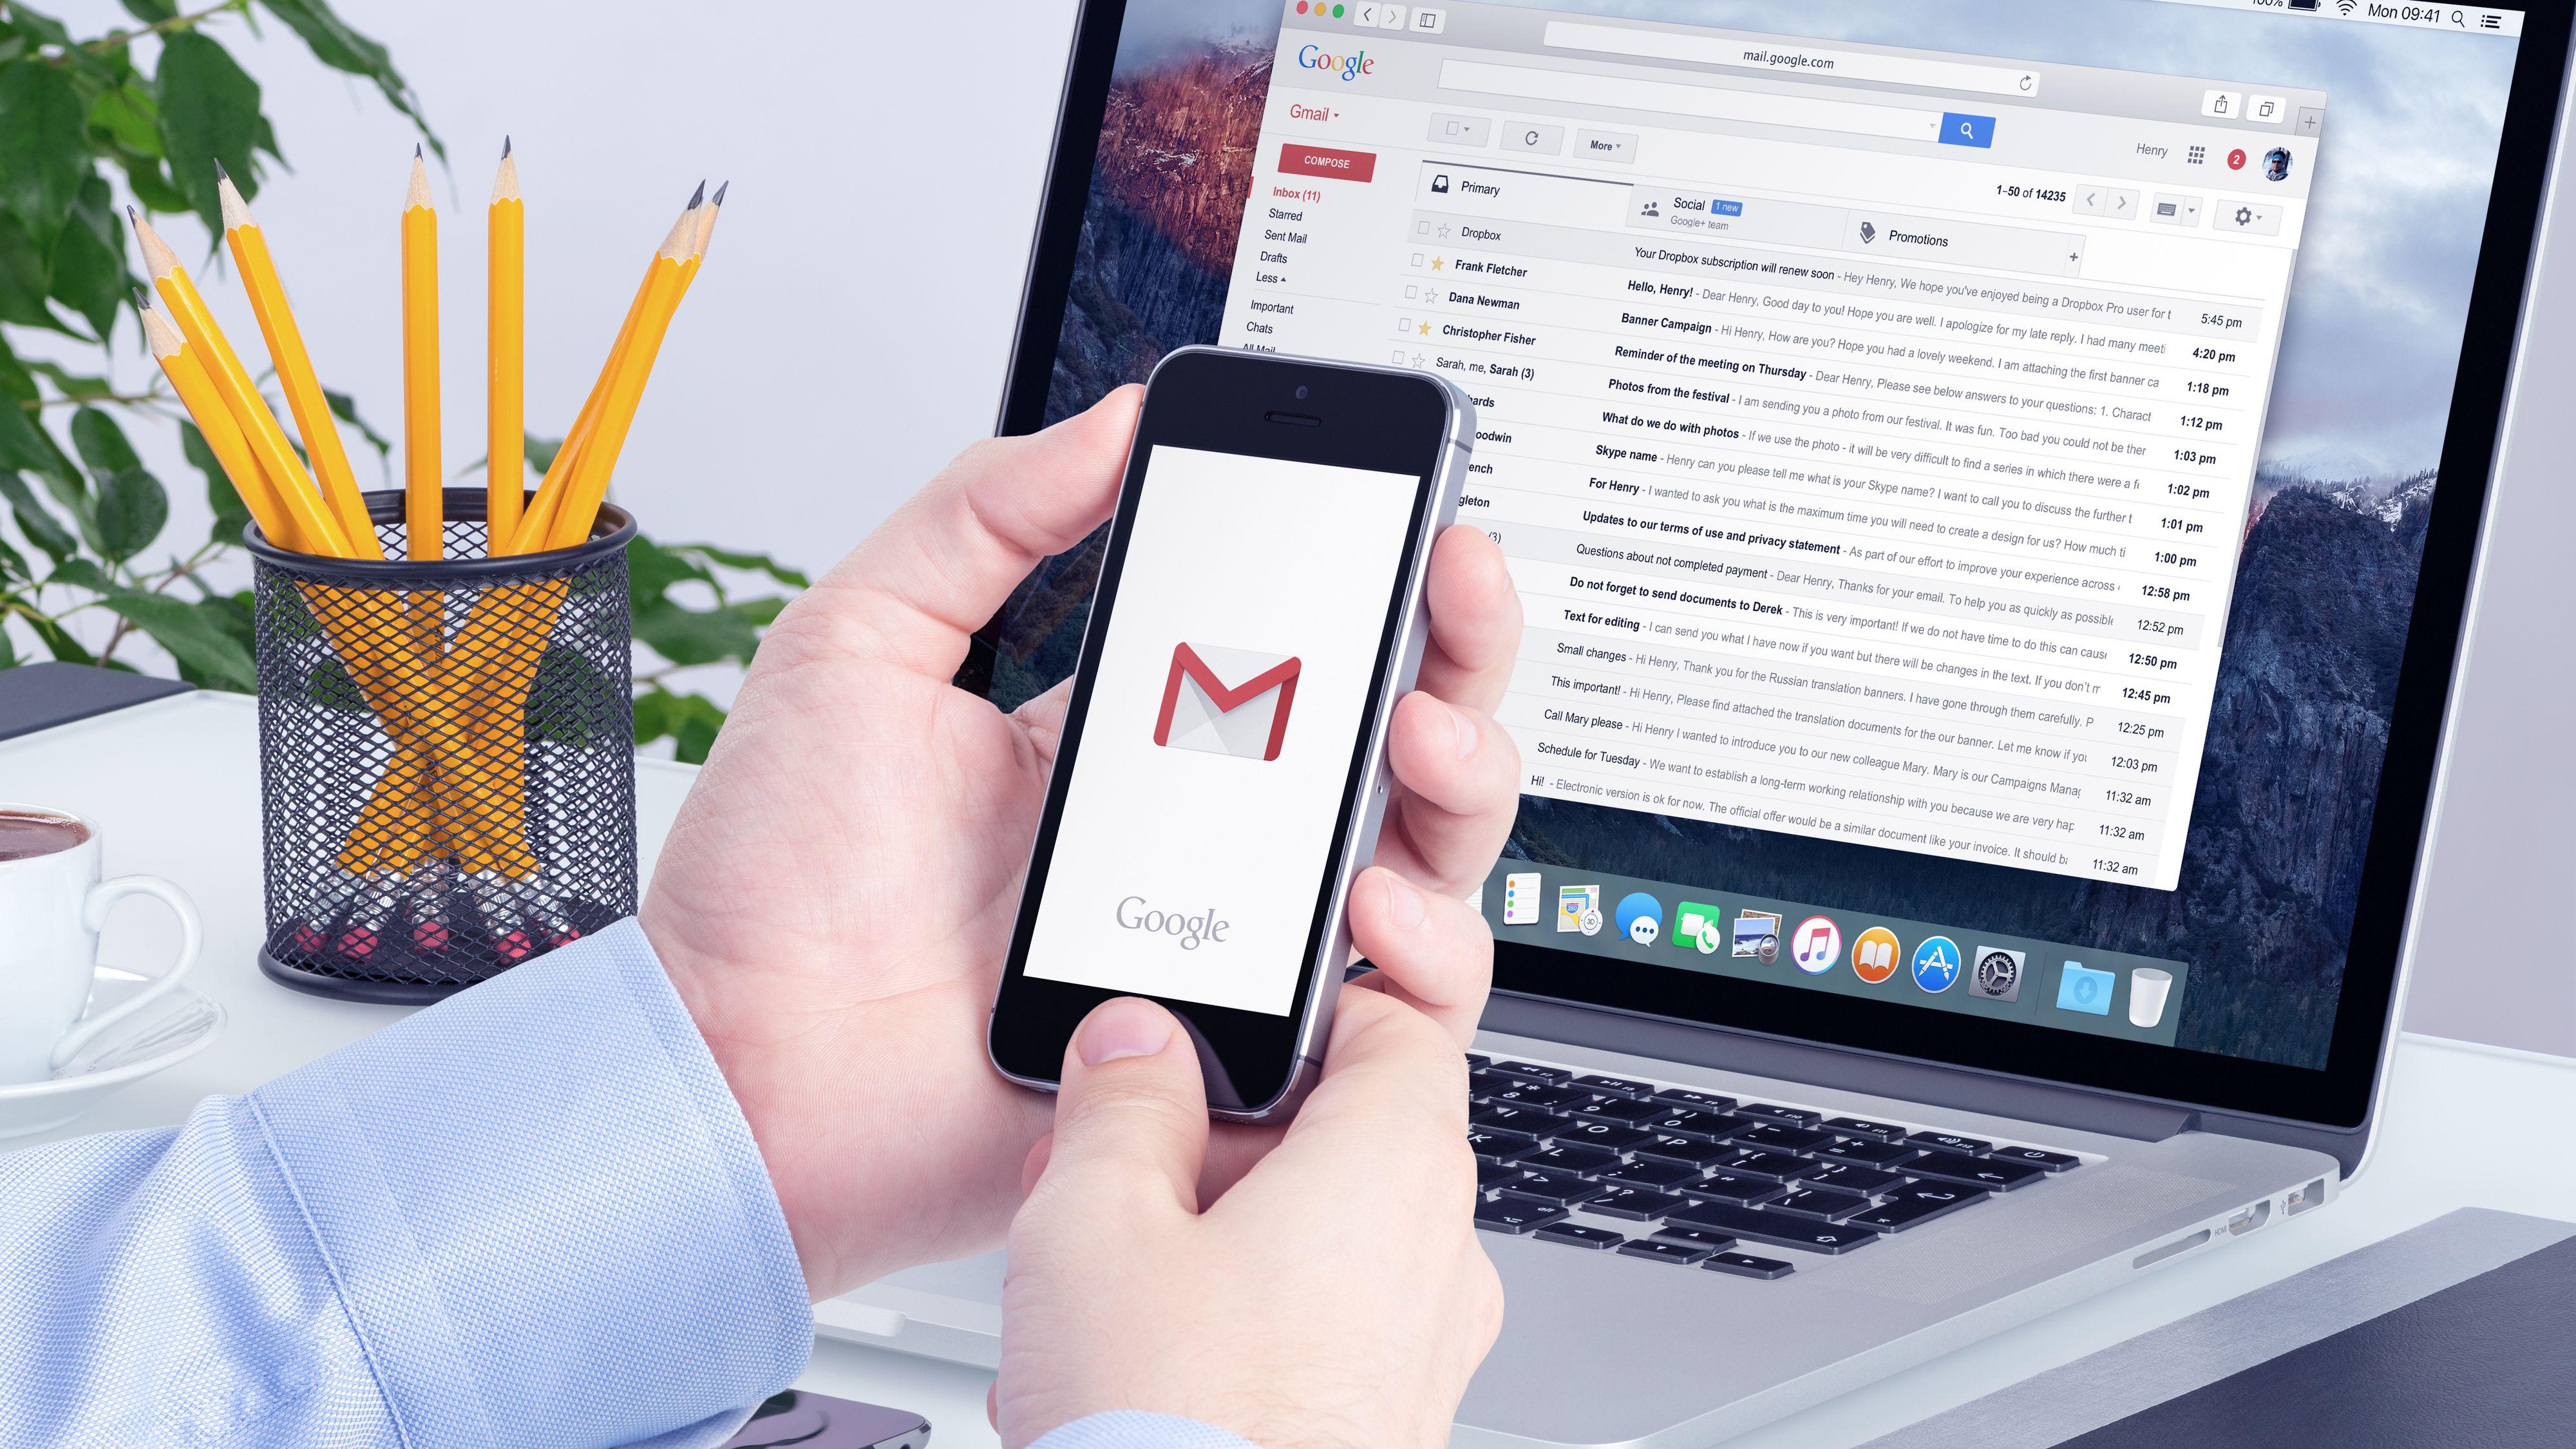 Lei av irriterende e-poster? Nå blir det lettere å blokkere dem